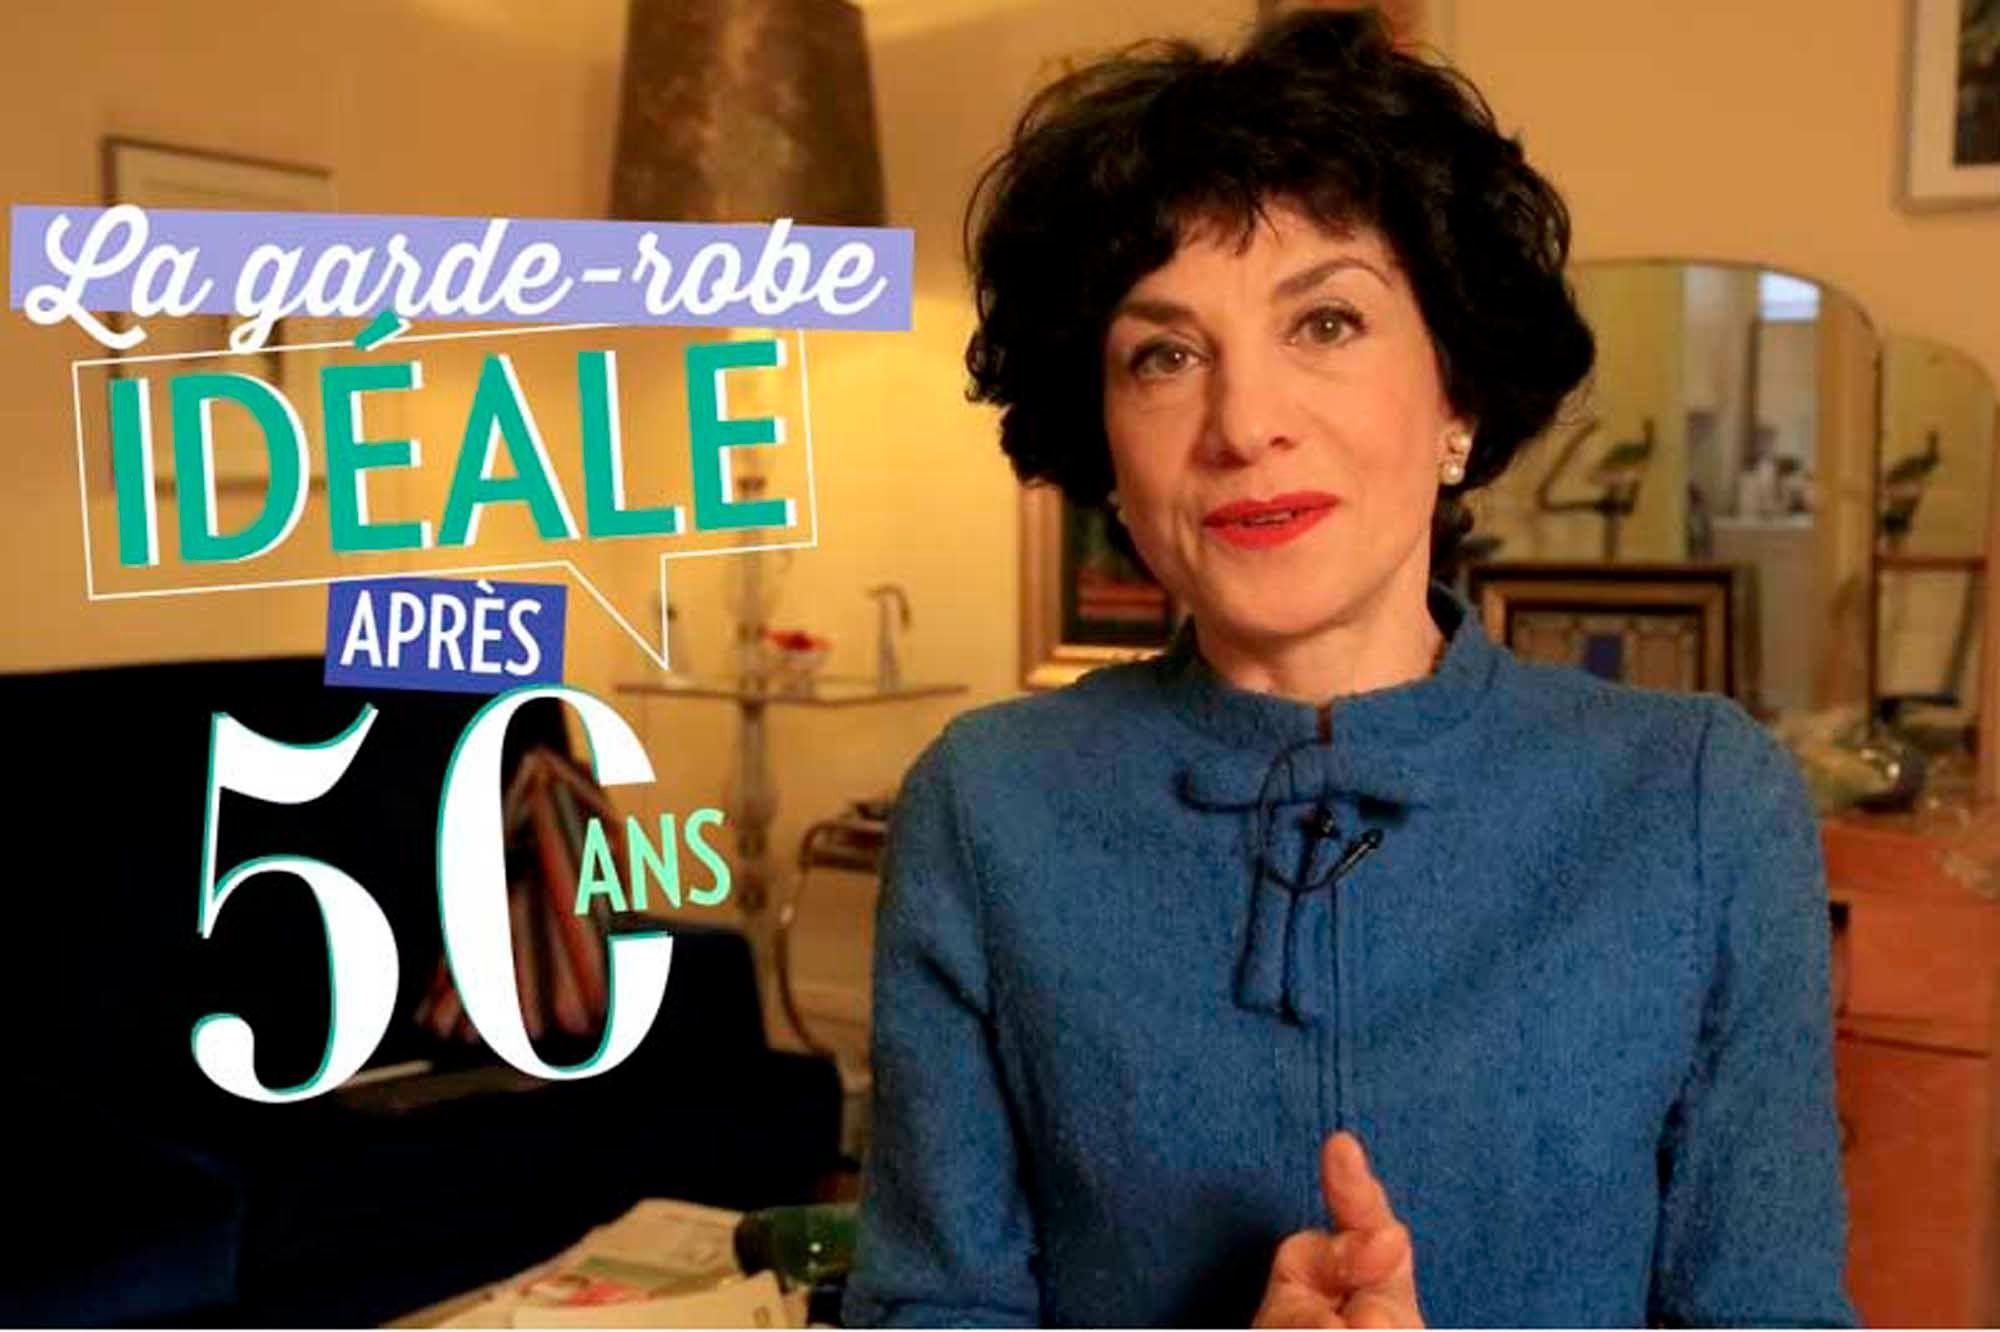 1b9ac9442cd La garde-robe idéale après 50 ans